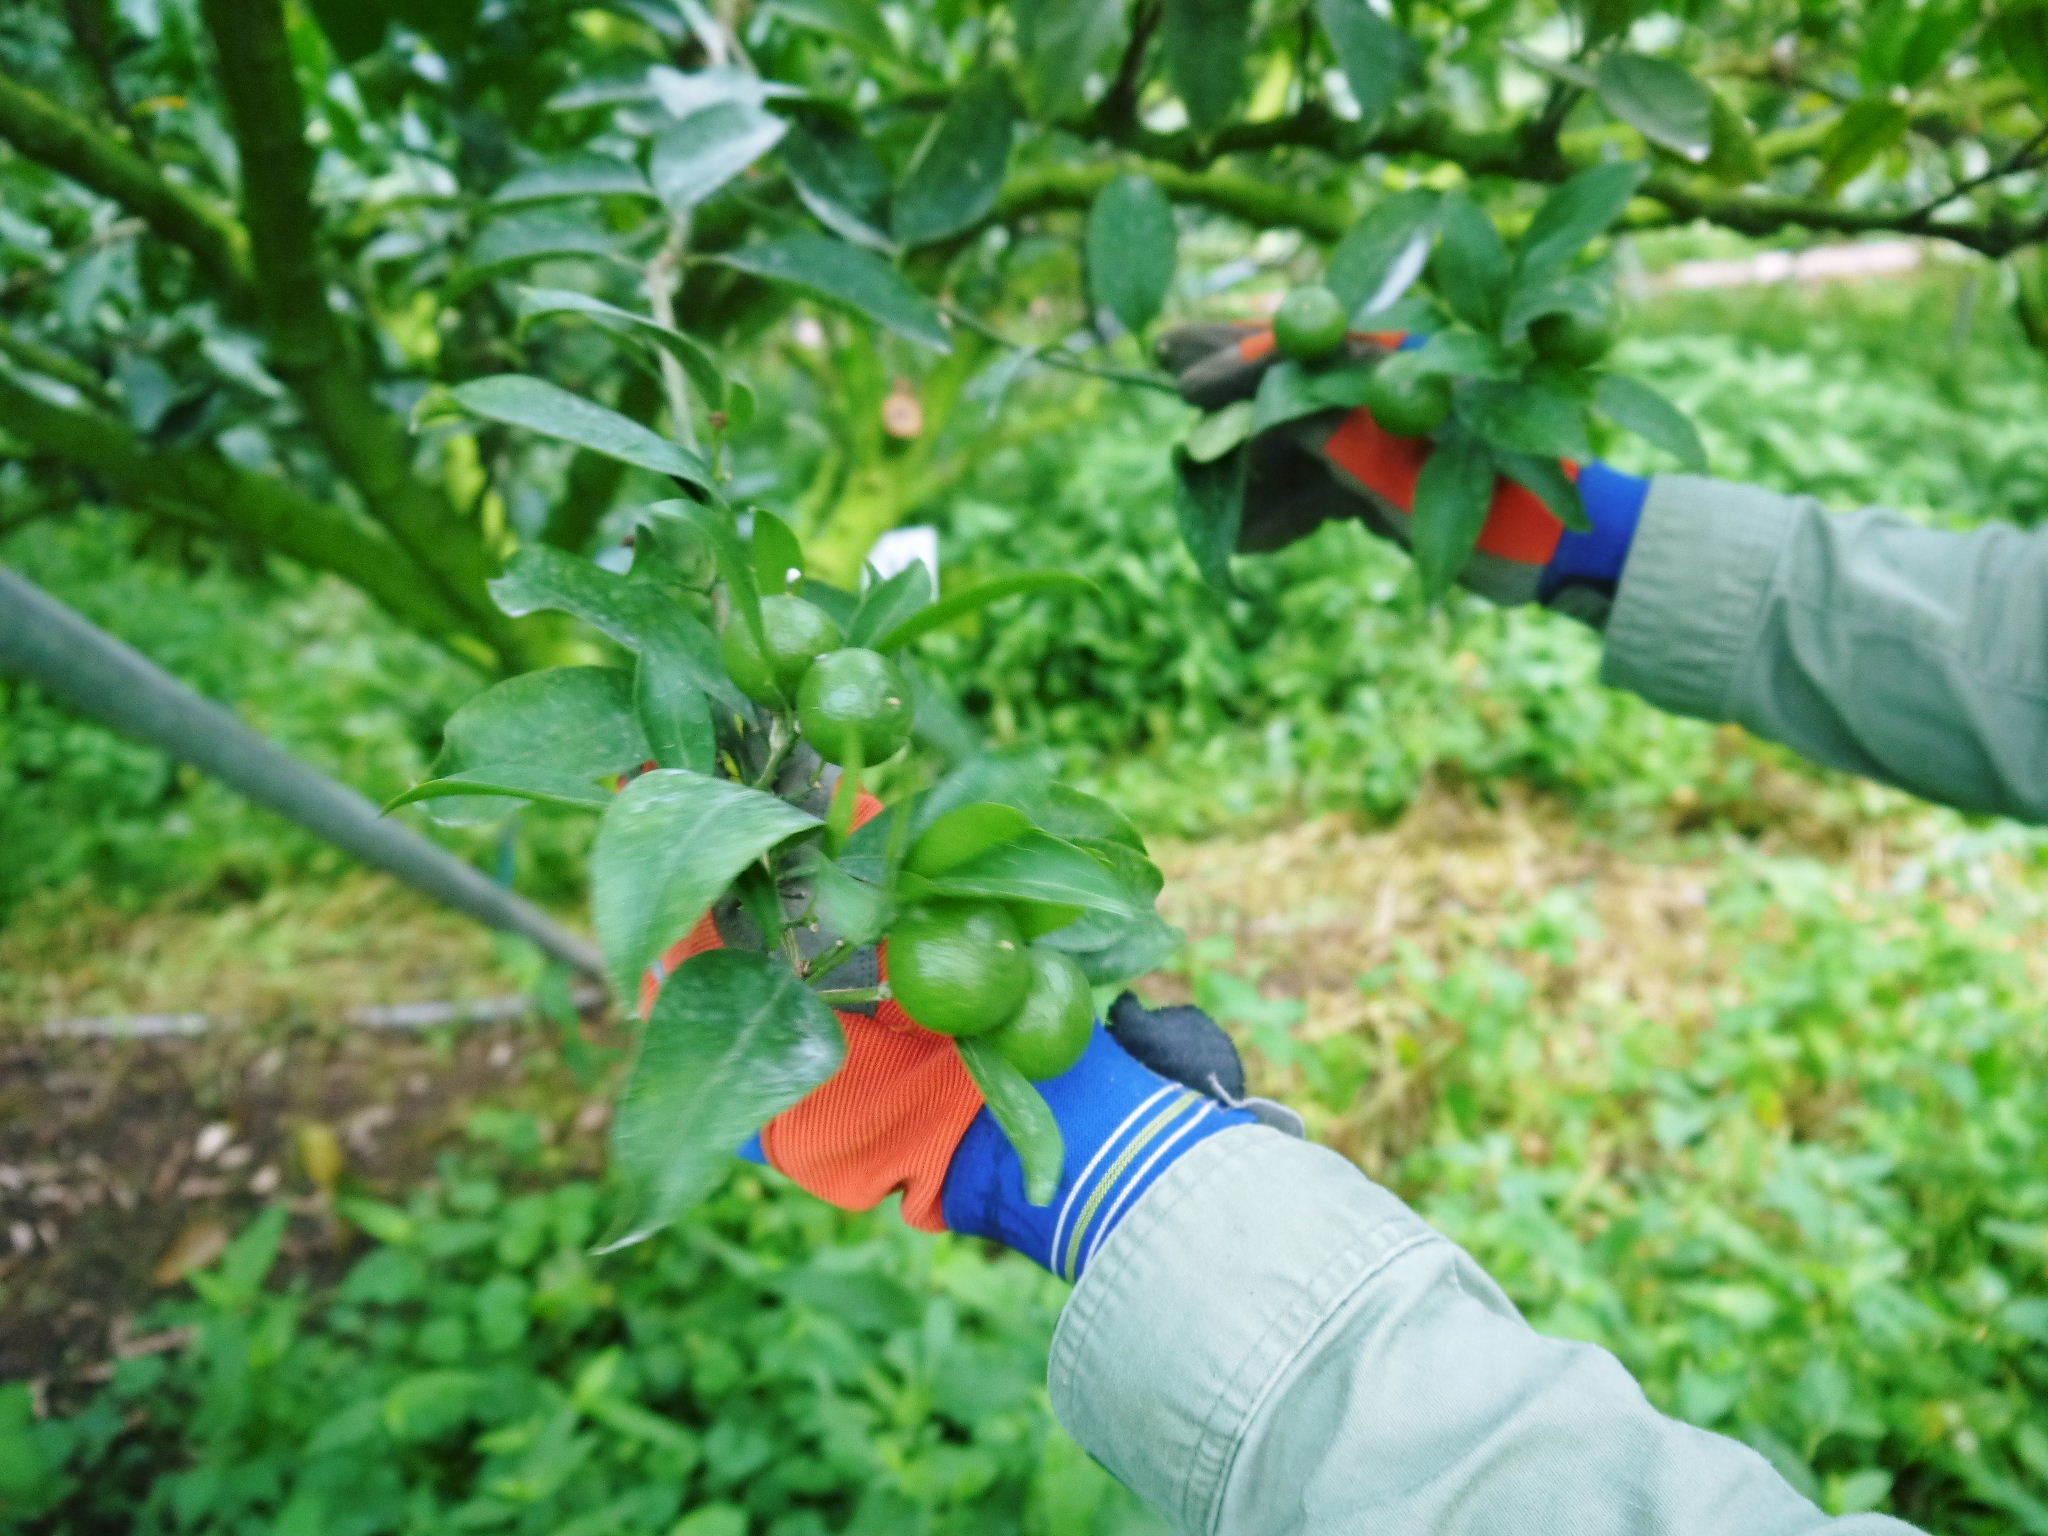 究極の柑橘『せとか』 美味しくて甘く、大きな果実を作り上げるための匠の摘果作業(2021)_a0254656_18110796.jpg